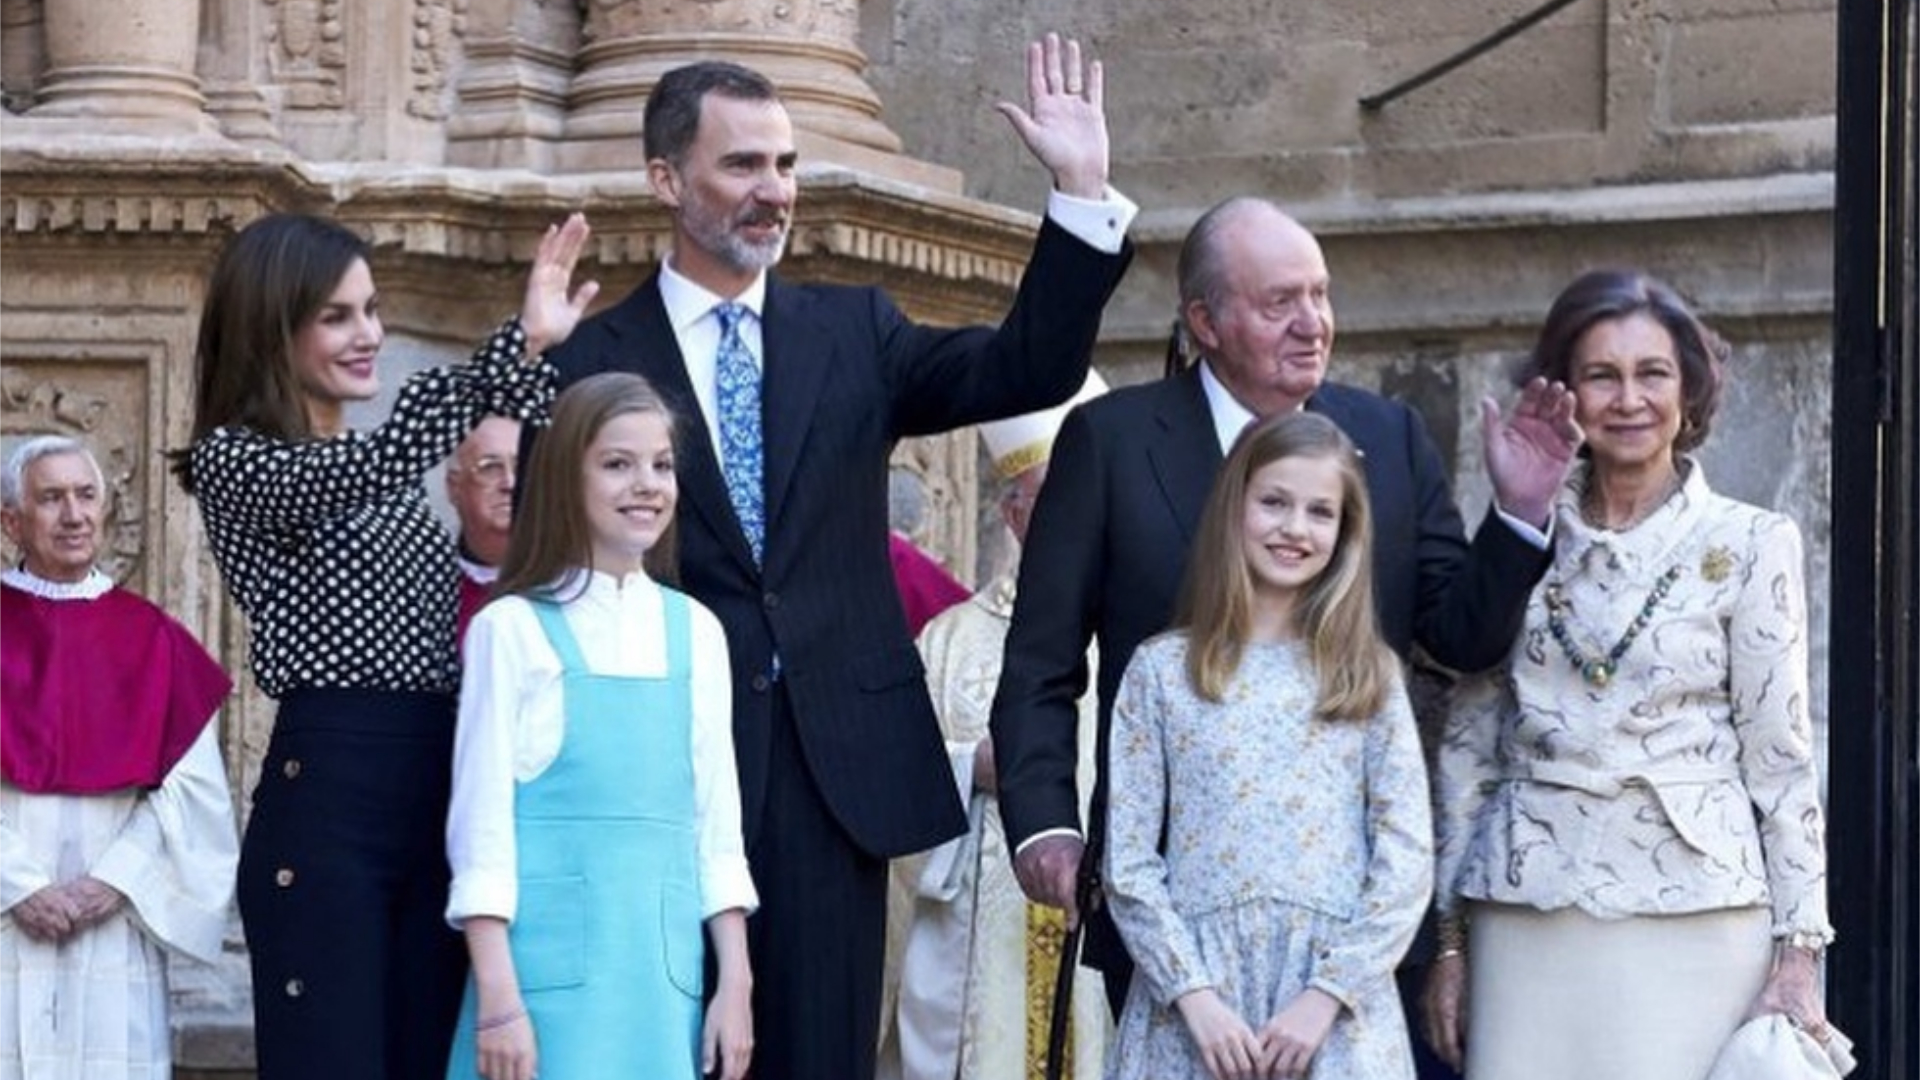 En una celebración de Pascuas quedó en evidencia la mala relación entre Letizia y Sofía. Una situación que data de tiempo pese a que se trató de ocultar. Los medios señalaron que Letizia impidó a su suegra posar ante los fotógrafos con sus nietas.